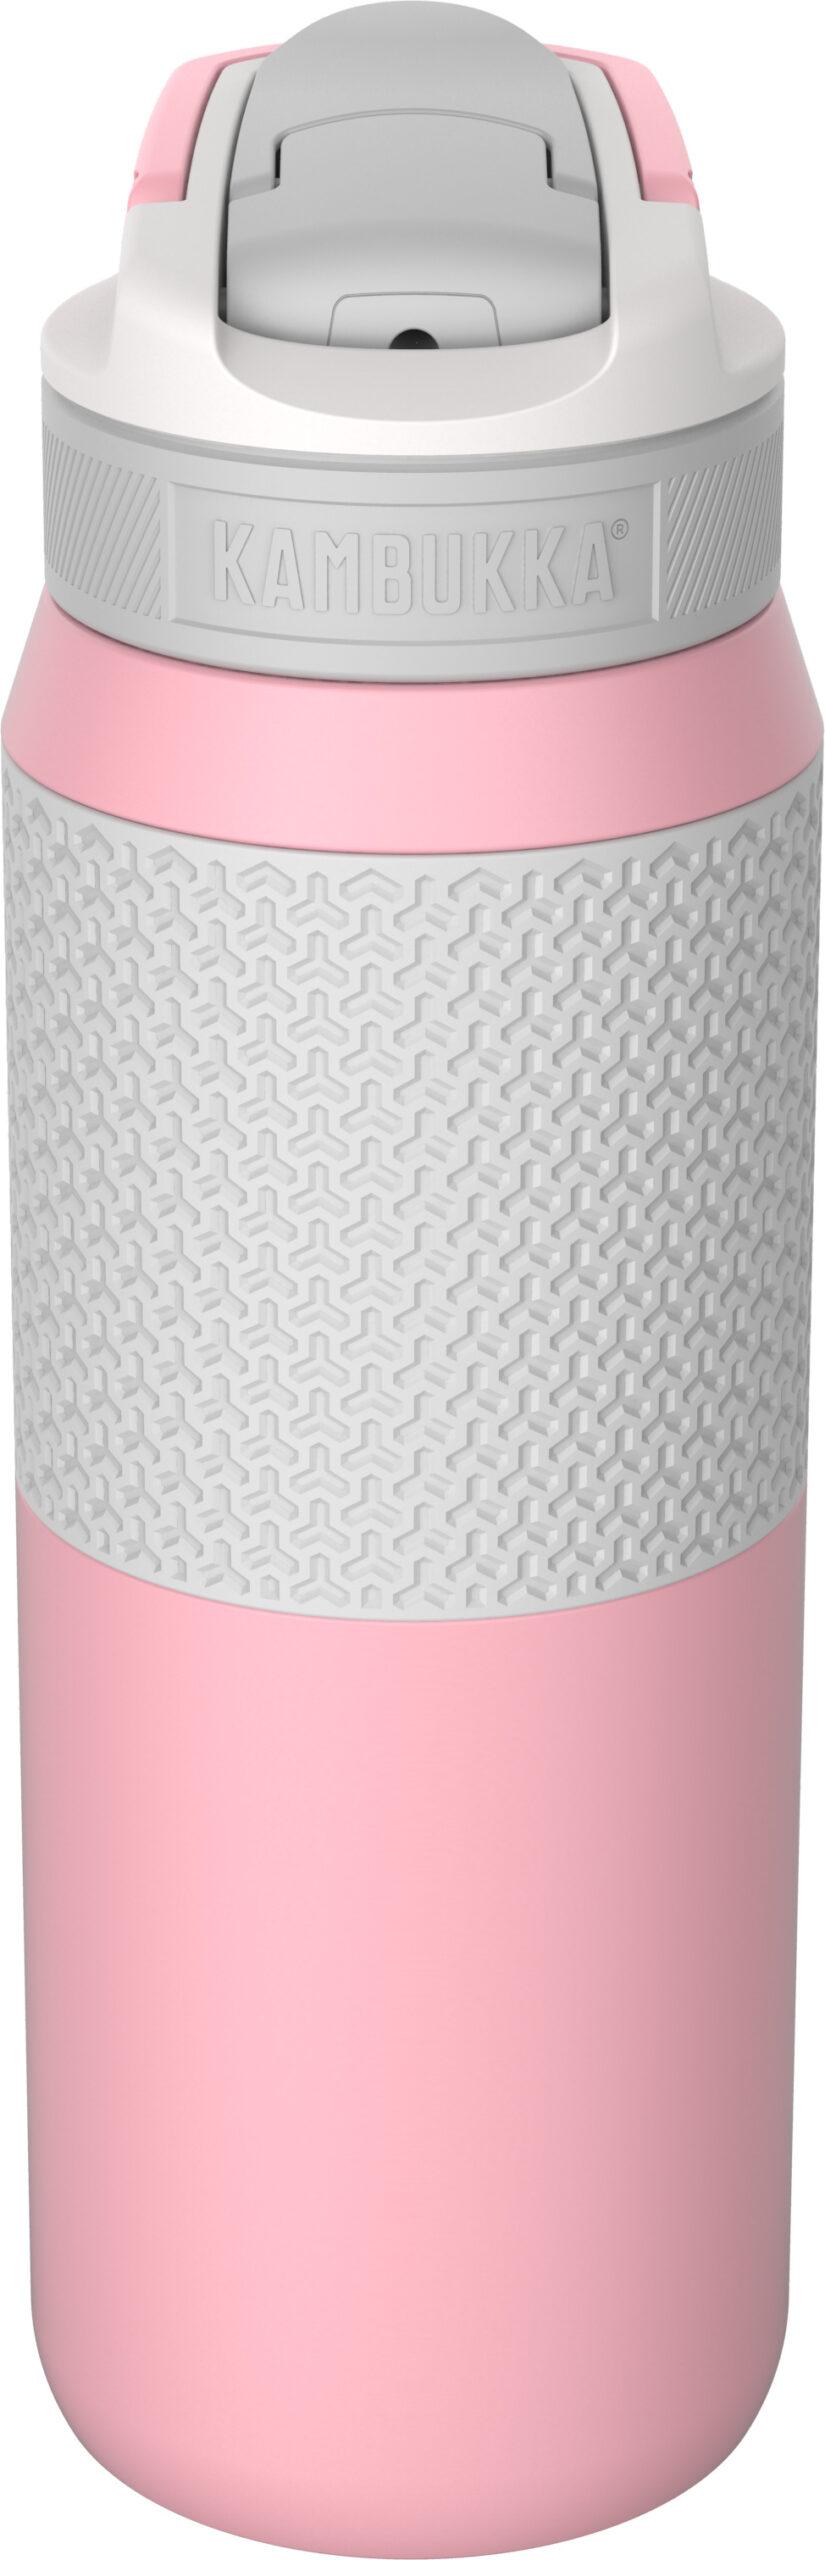 בקבוק שתיה תרמי 750 מ״ל Pink Lady Kambukka Elton Insulated